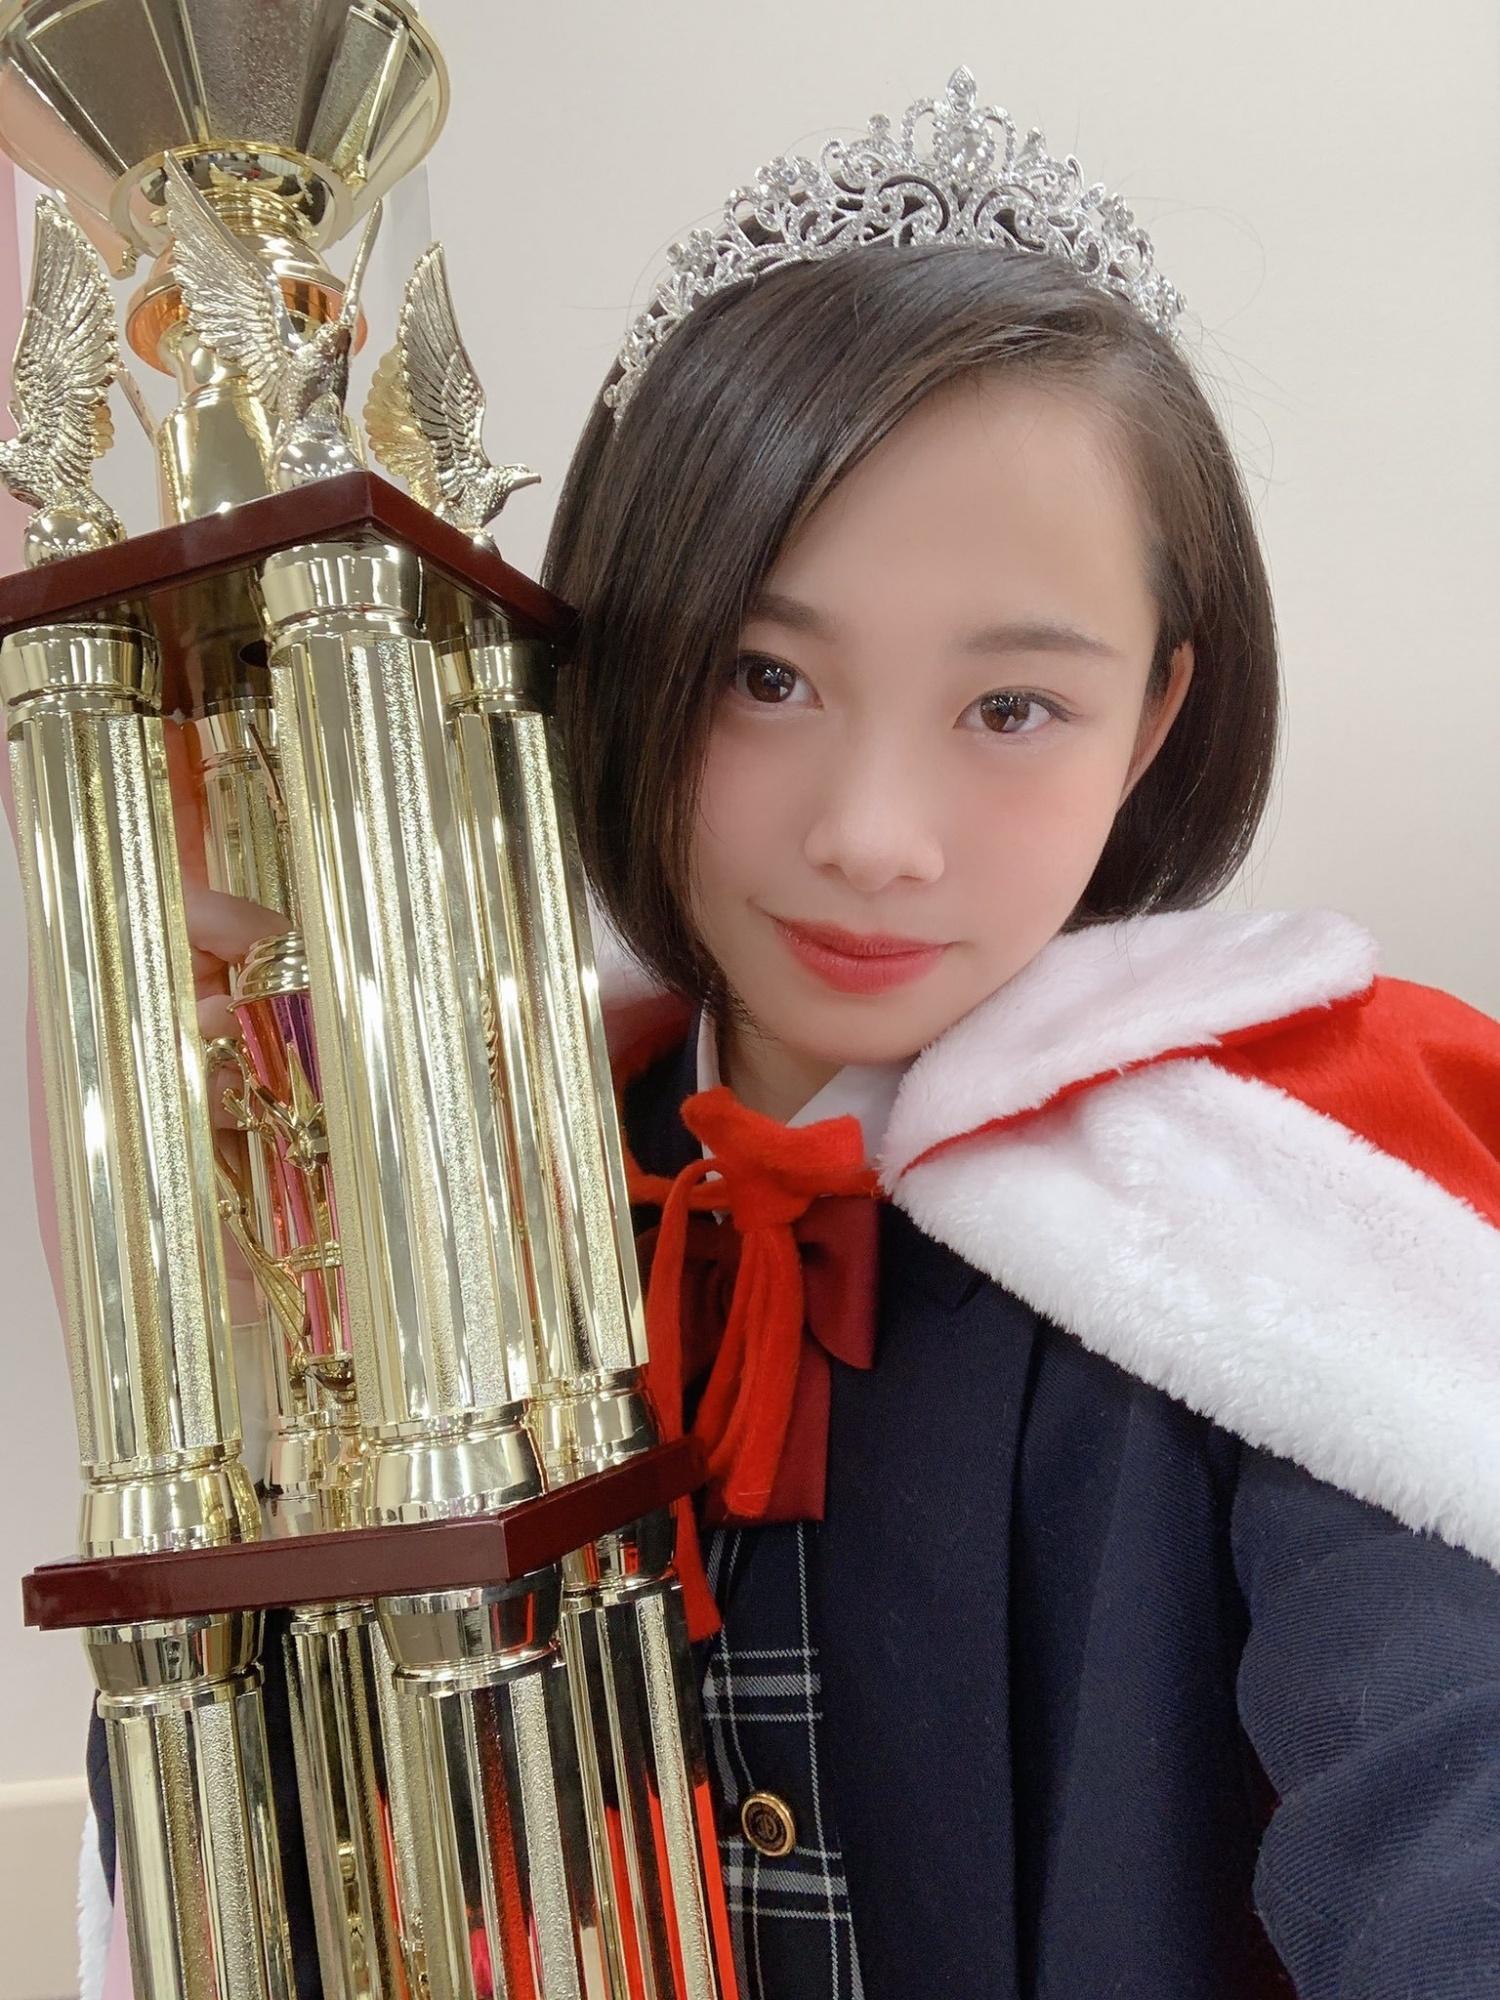 甜甜一笑,心情转好18岁妹新田步凪比基尼解放纤腰、事业线 养眼图片 第2张